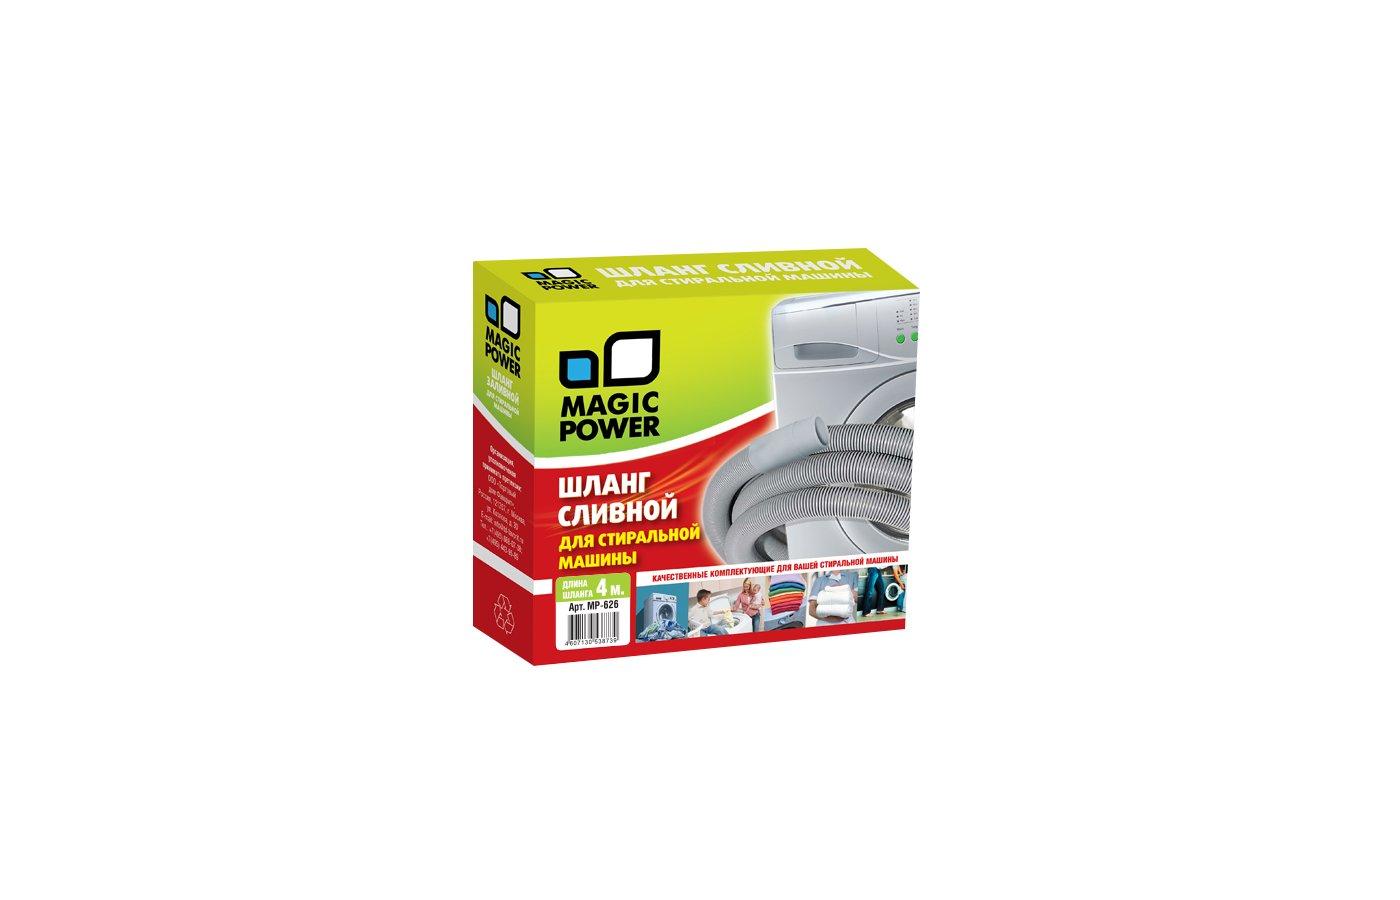 Аксессуары для подключения стиральных машин Magic Power MP-626 Шланг сливной для ст/м4 м